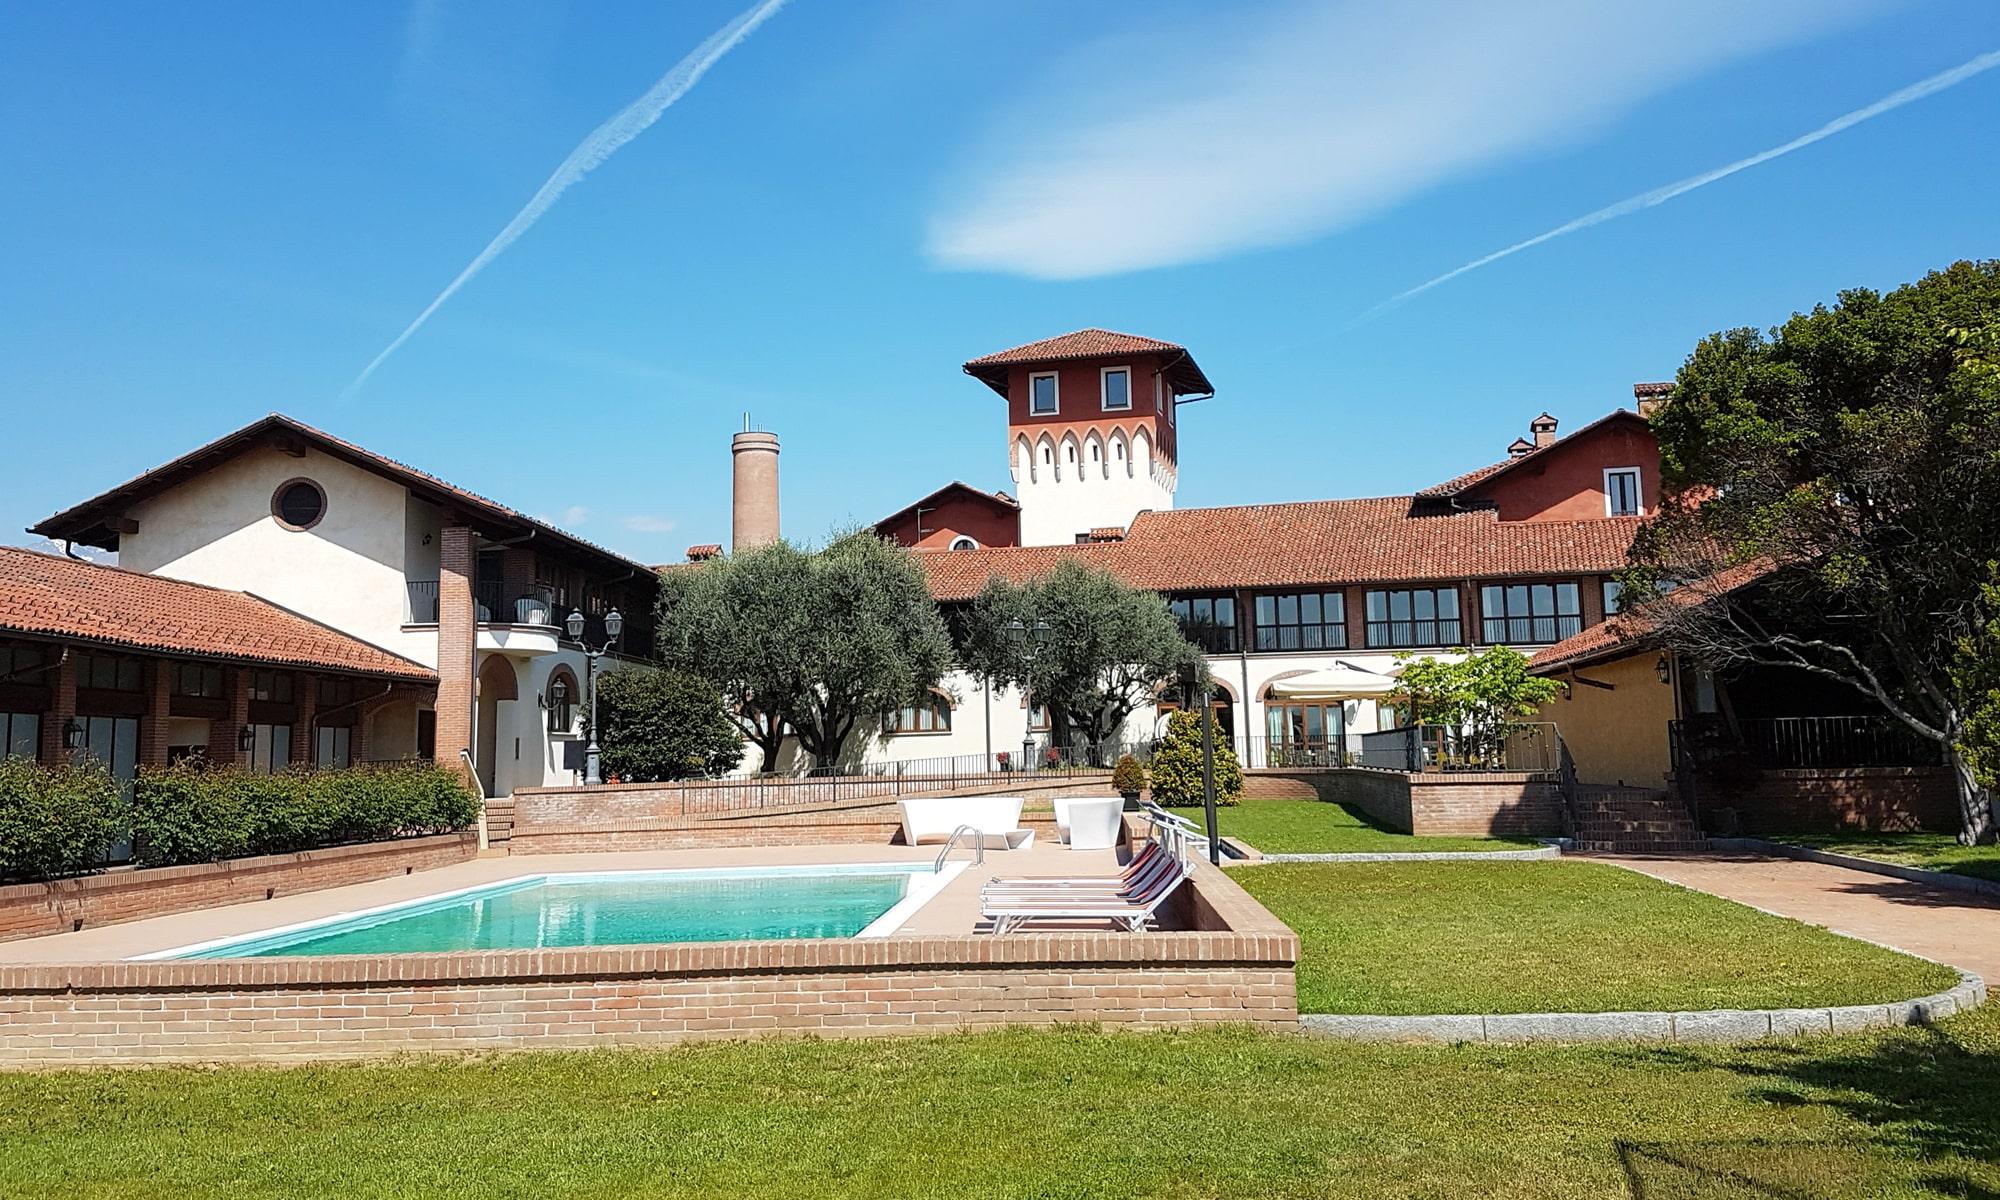 Photo de la façade de l'établissement avec sa piscine extérieur